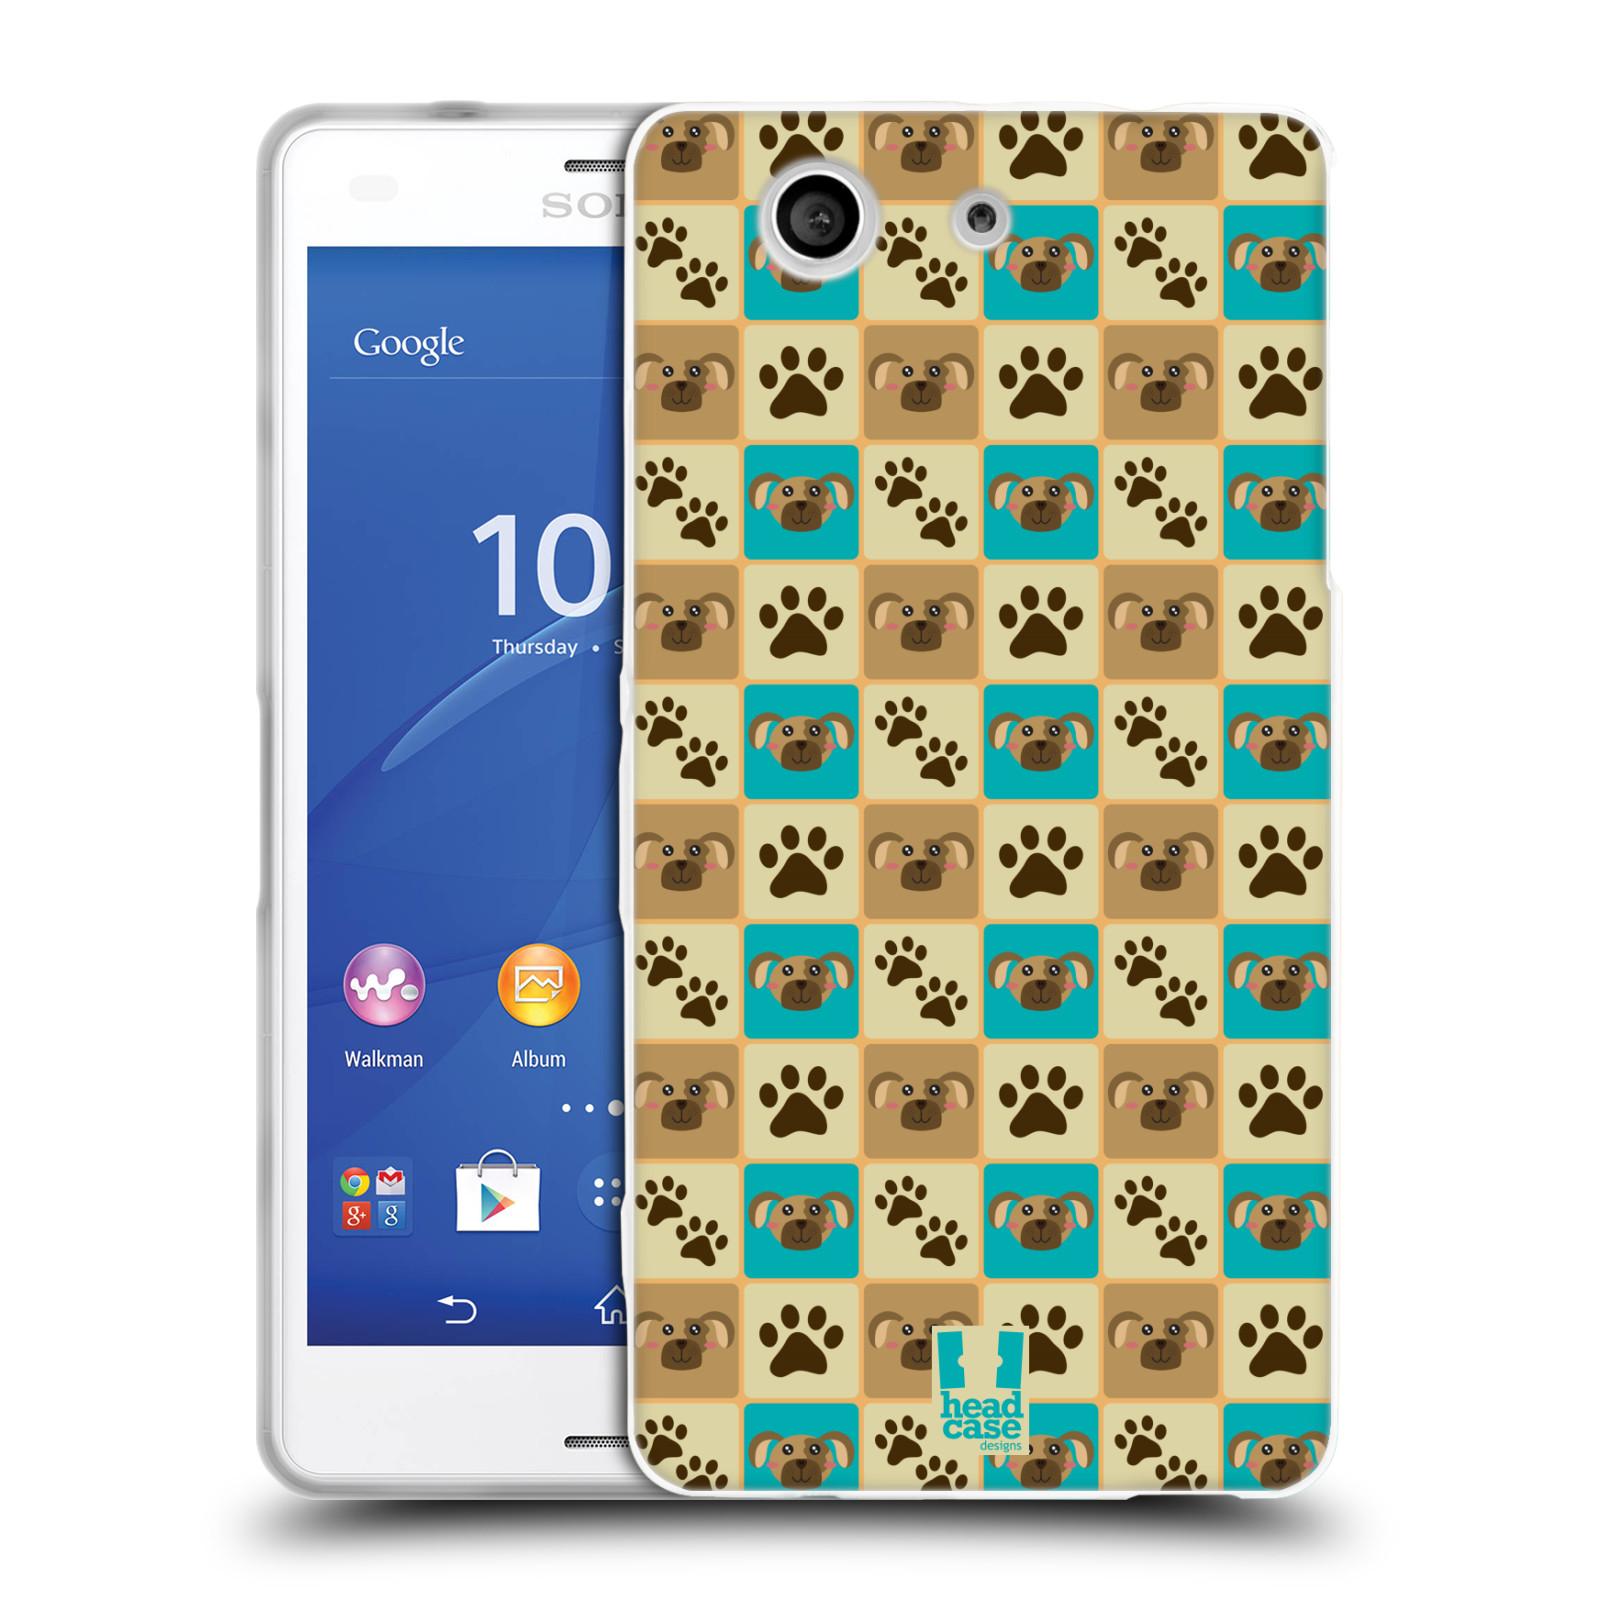 HEAD CASE silikonový obal na mobil Sony Xperia Z3 COMPACT (D5803) vzor Zvířecí razítka PSÍ TLAPKA